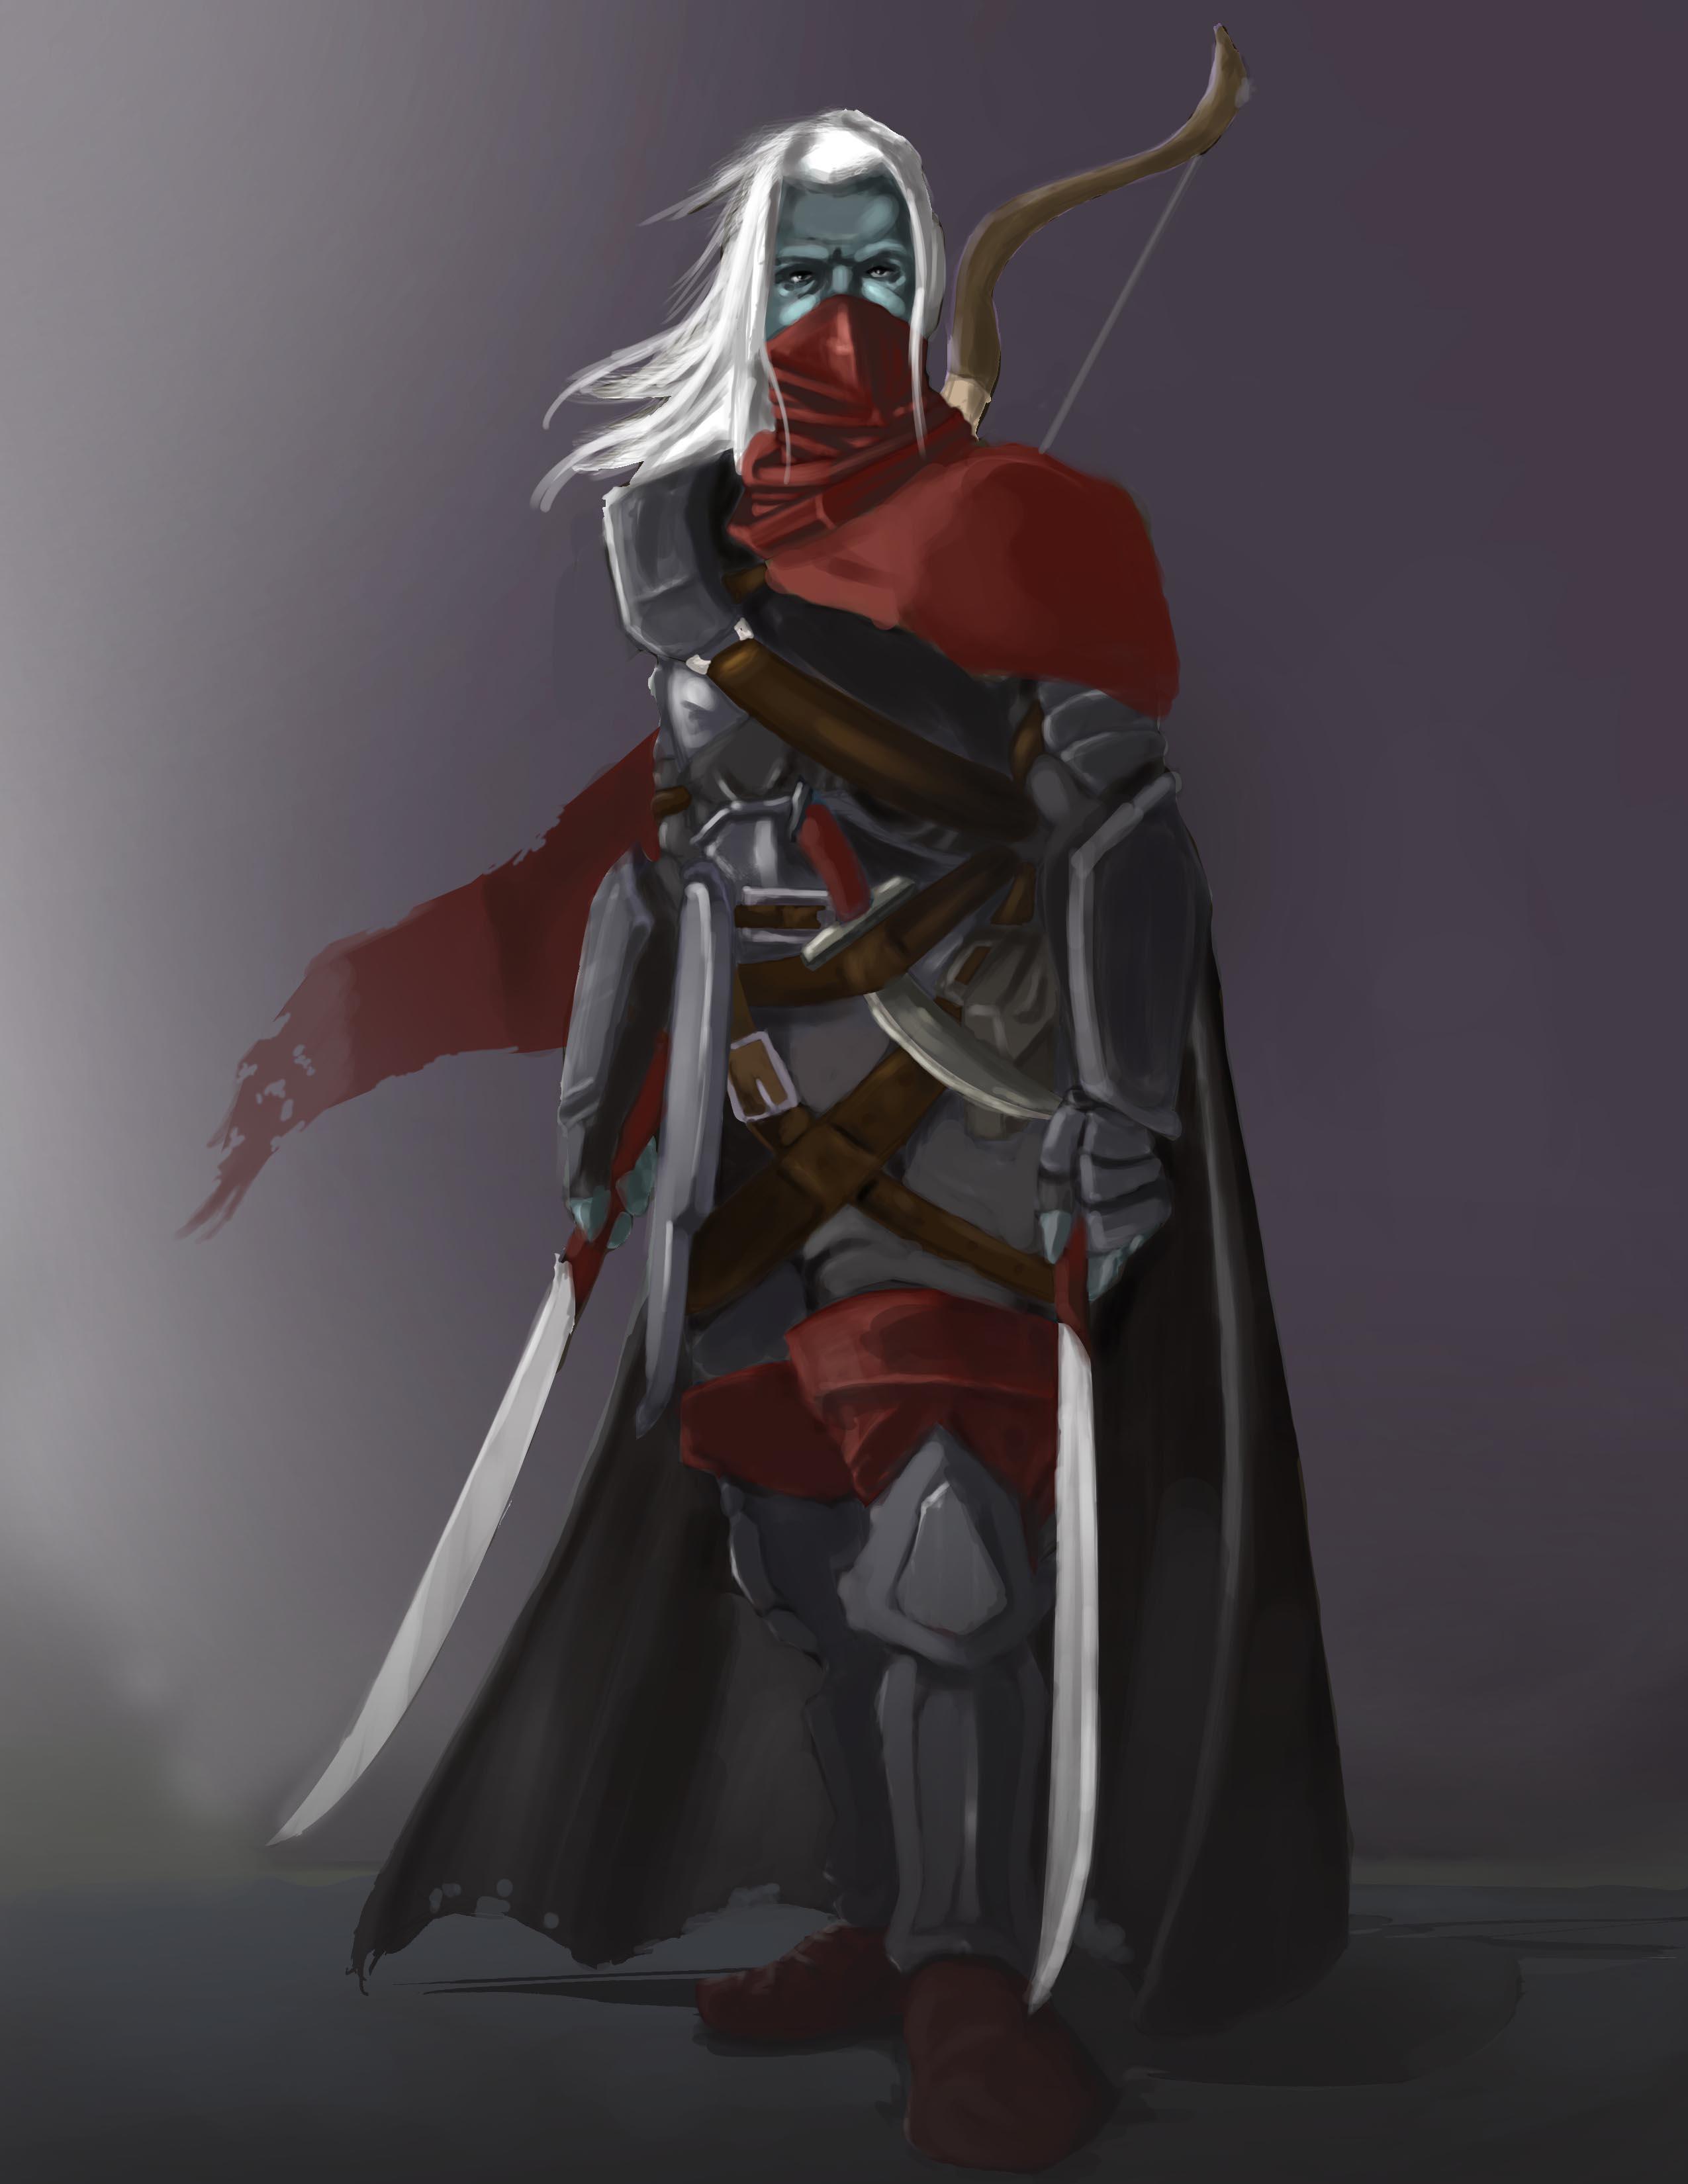 The Undead Captain